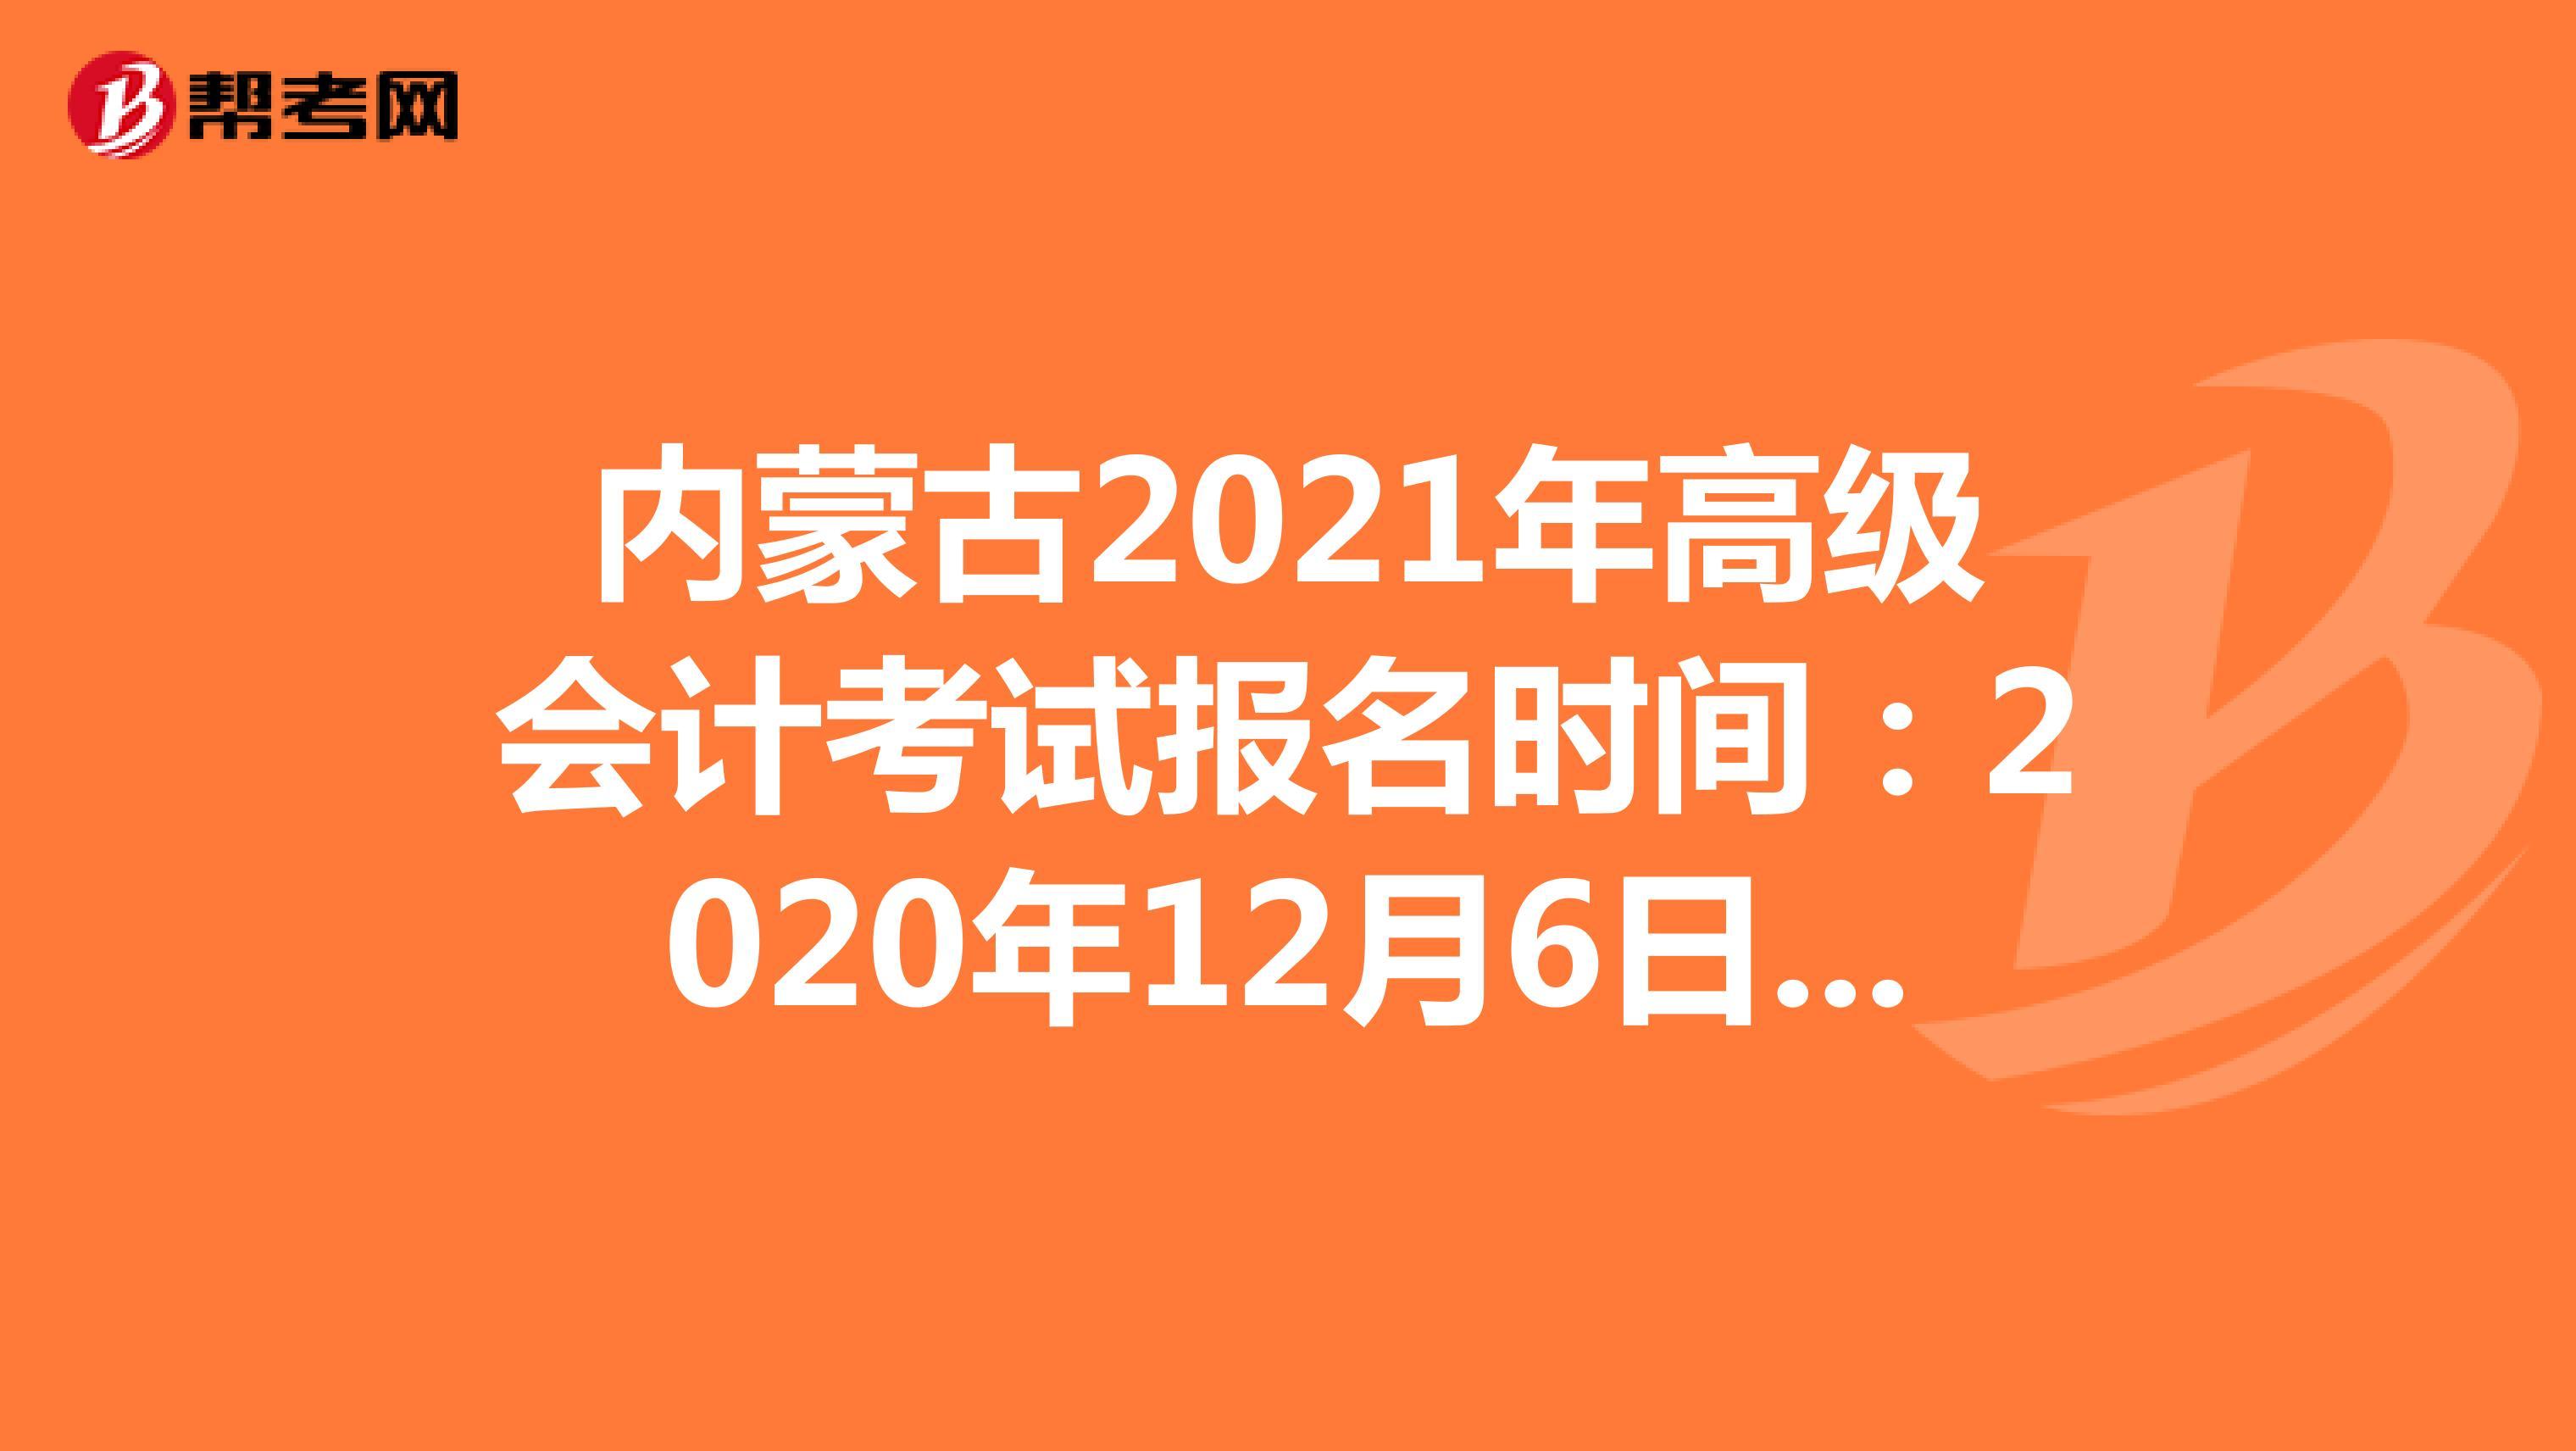 内蒙古2021年高级会计考试报名时间:2020年12月6日-25日